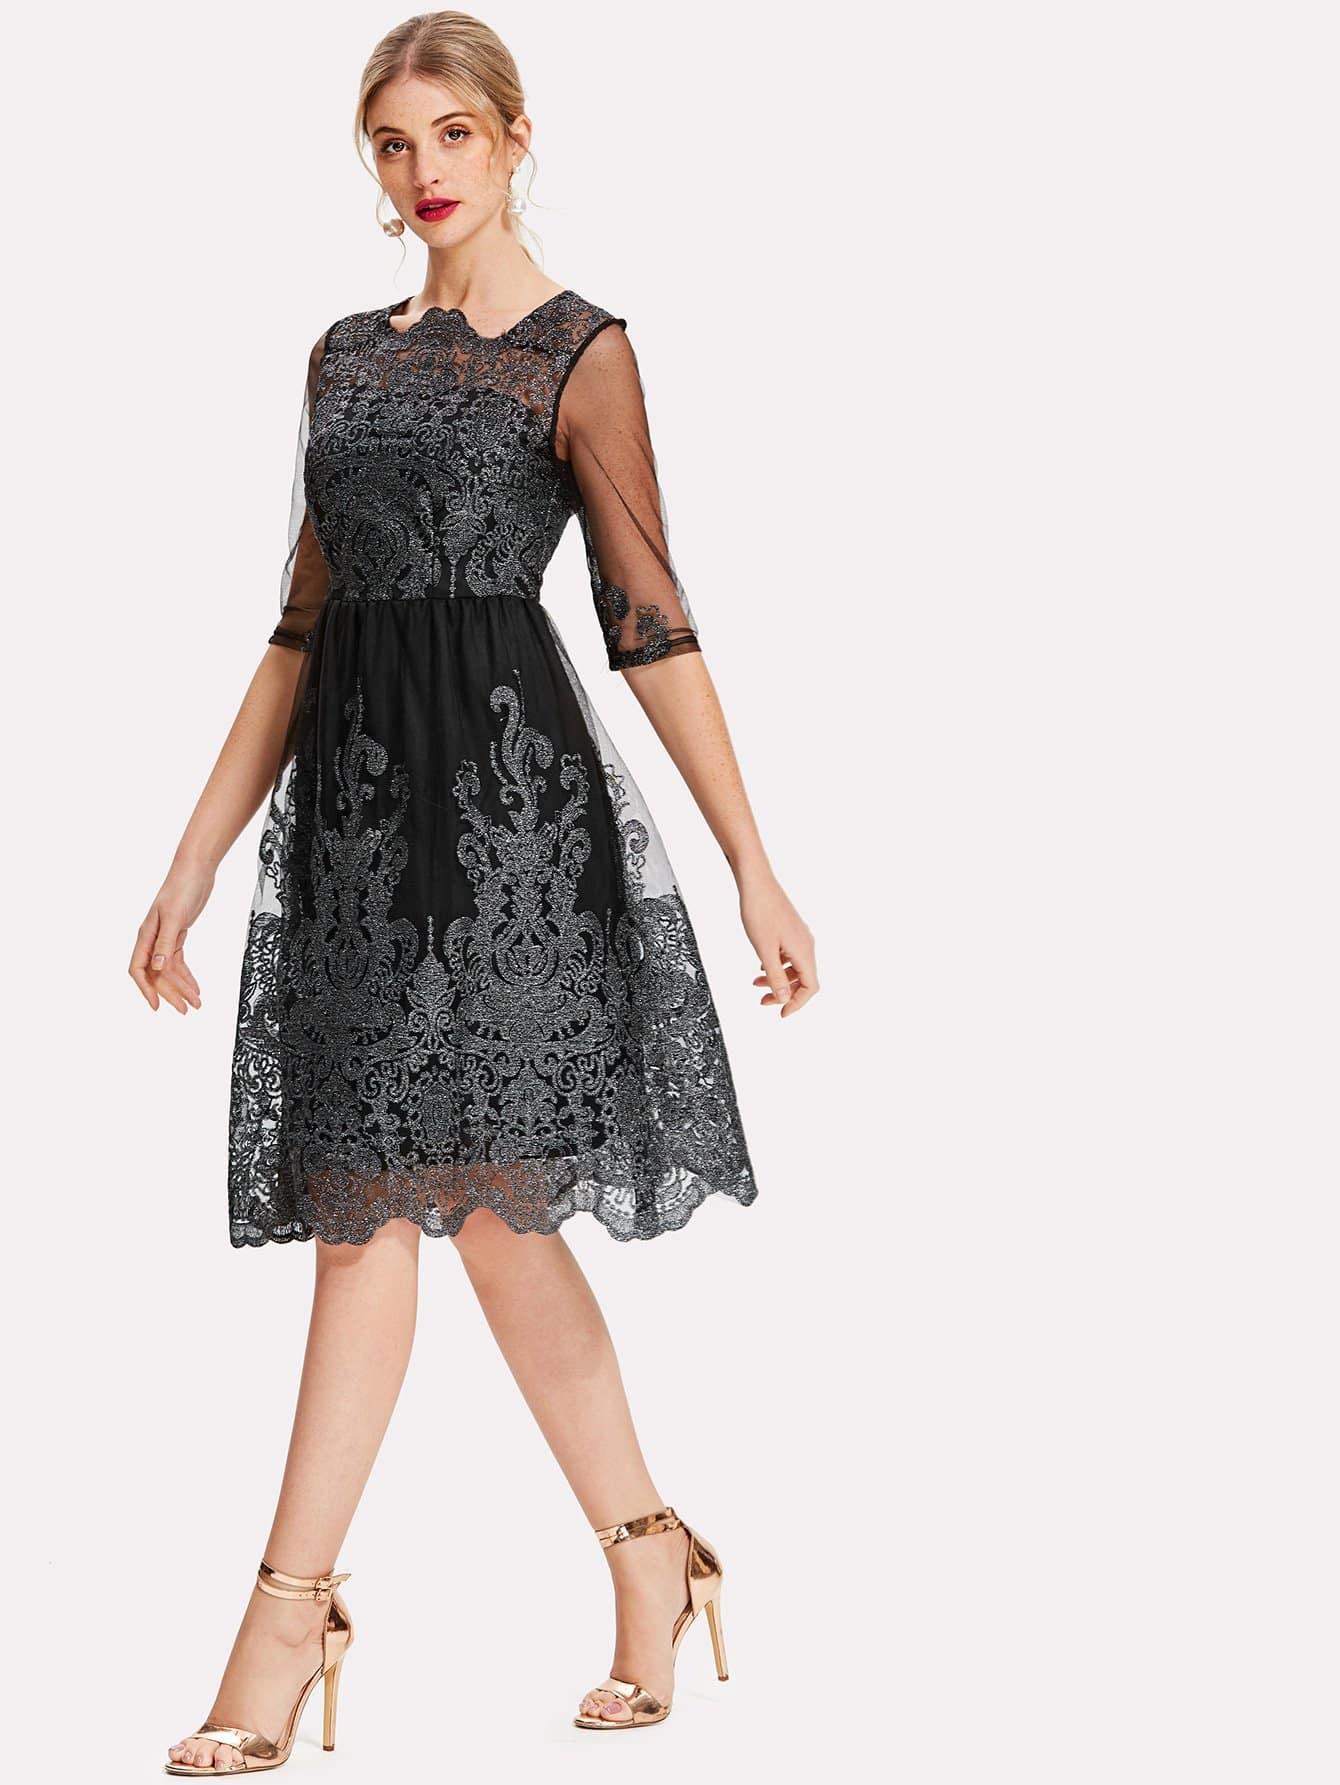 Sheer Mesh Panel Embroidered Dress skull print sheer mesh dress